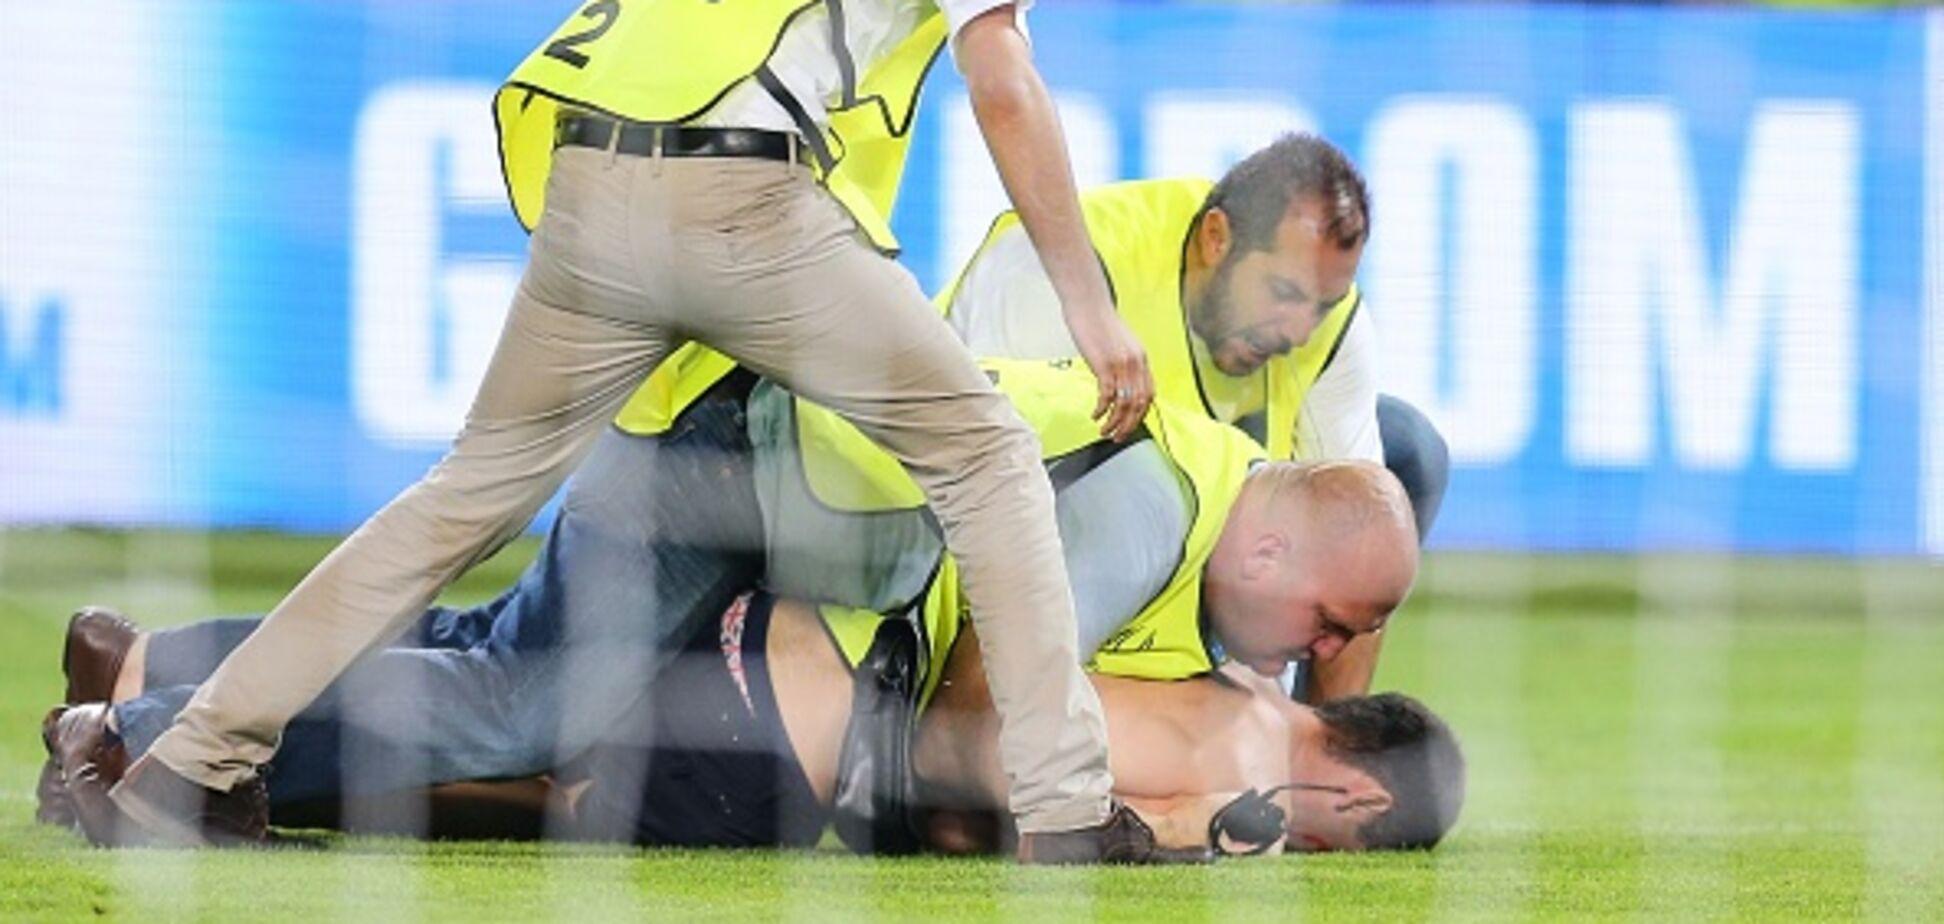 Матч за Суперкубок УЄФА завершився розбірками на полі через Путіна: опубліковані фото